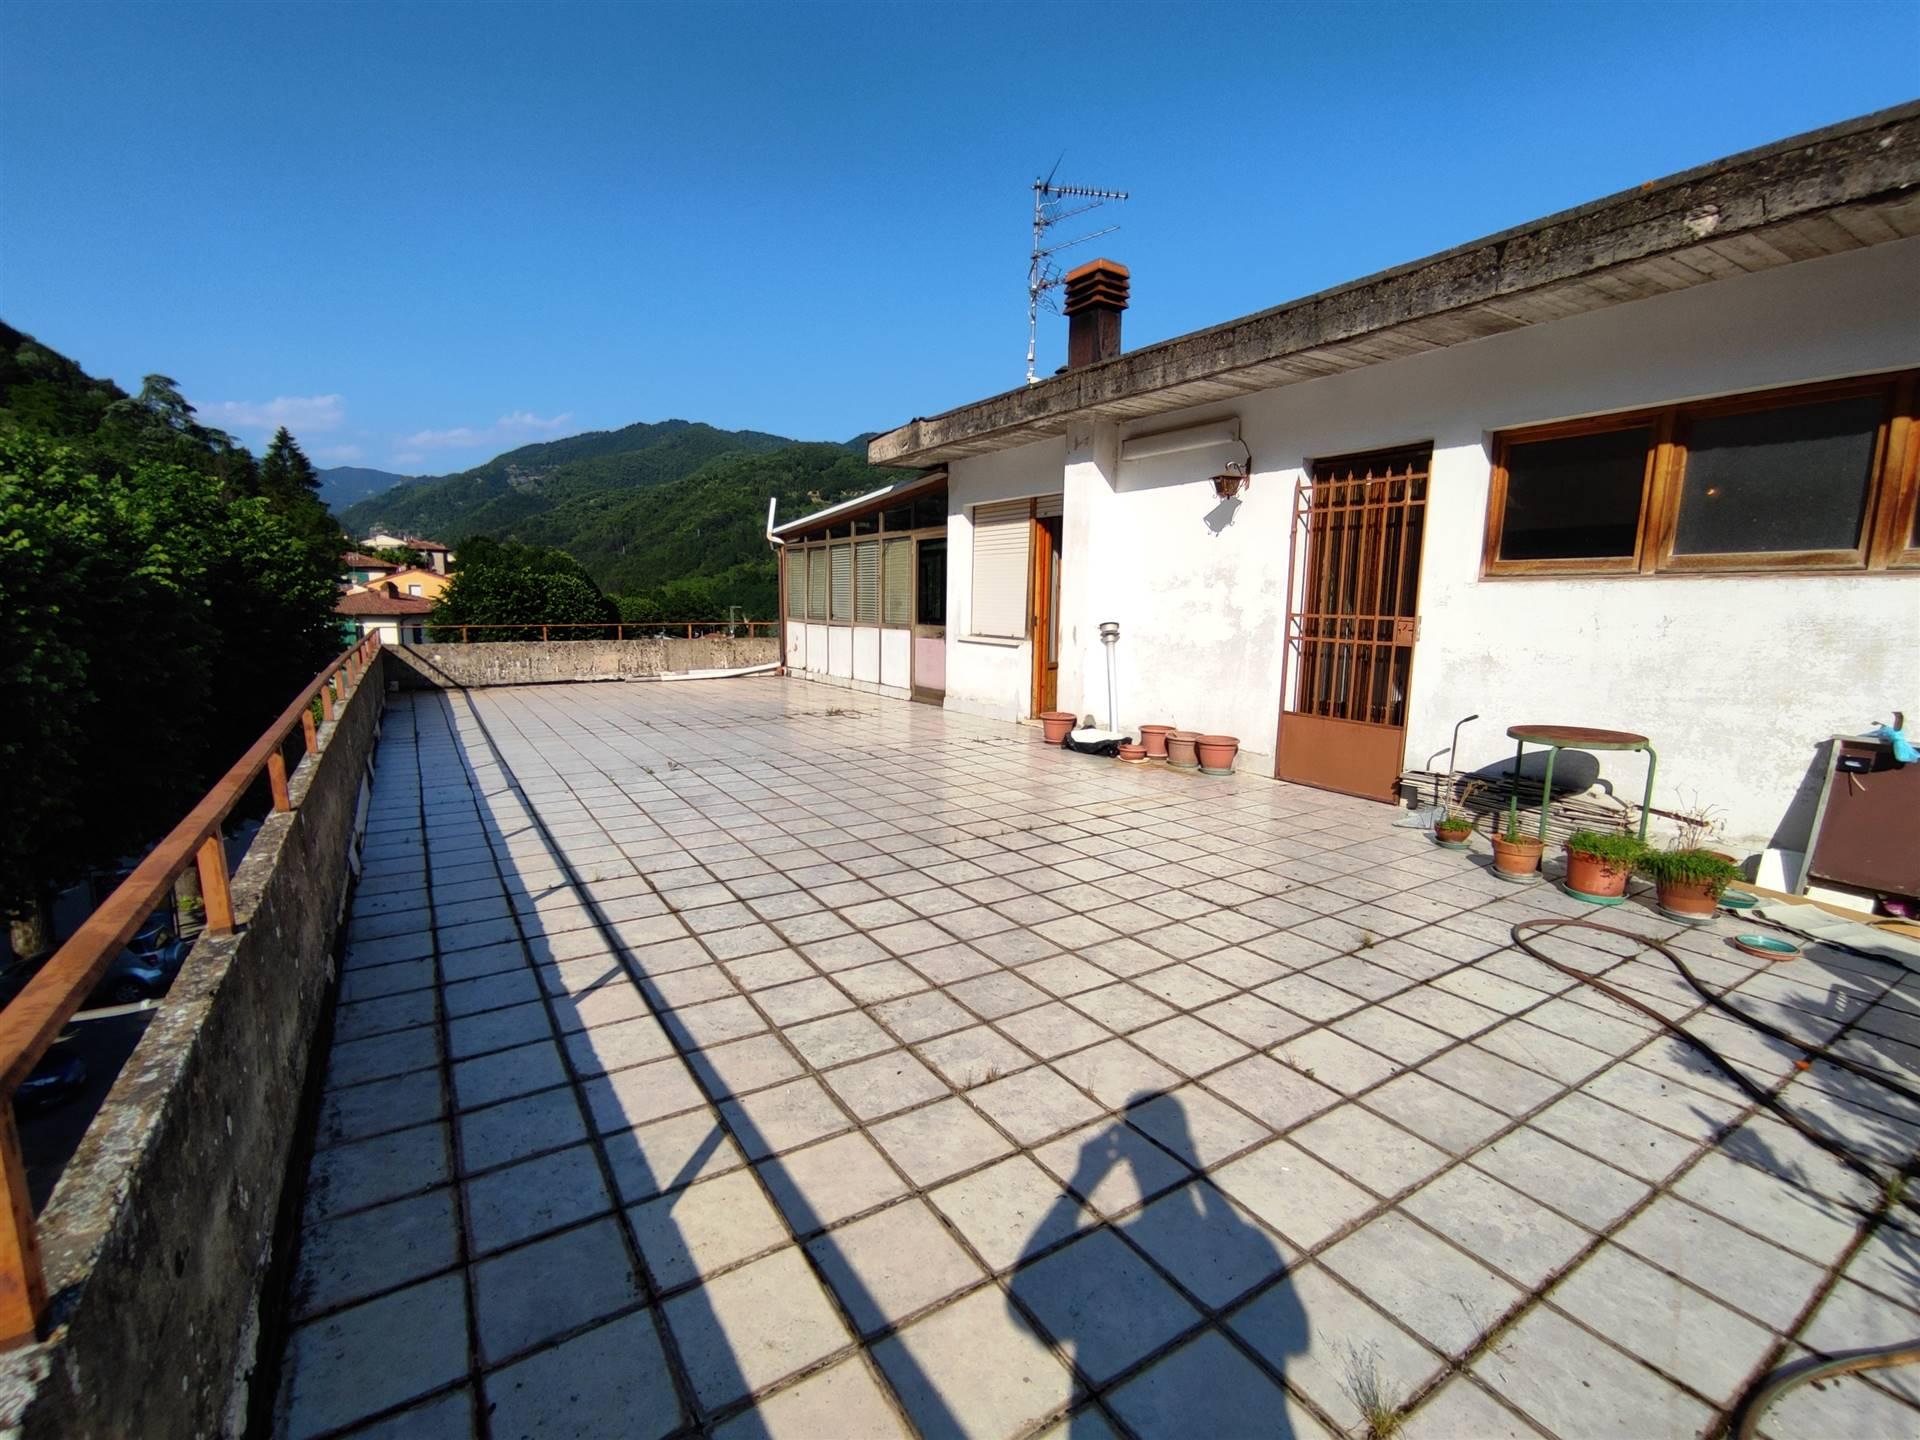 Attico / Mansarda in vendita a Borgo San Lorenzo, 5 locali, zona Località: RONTA, prezzo € 169.000 | PortaleAgenzieImmobiliari.it